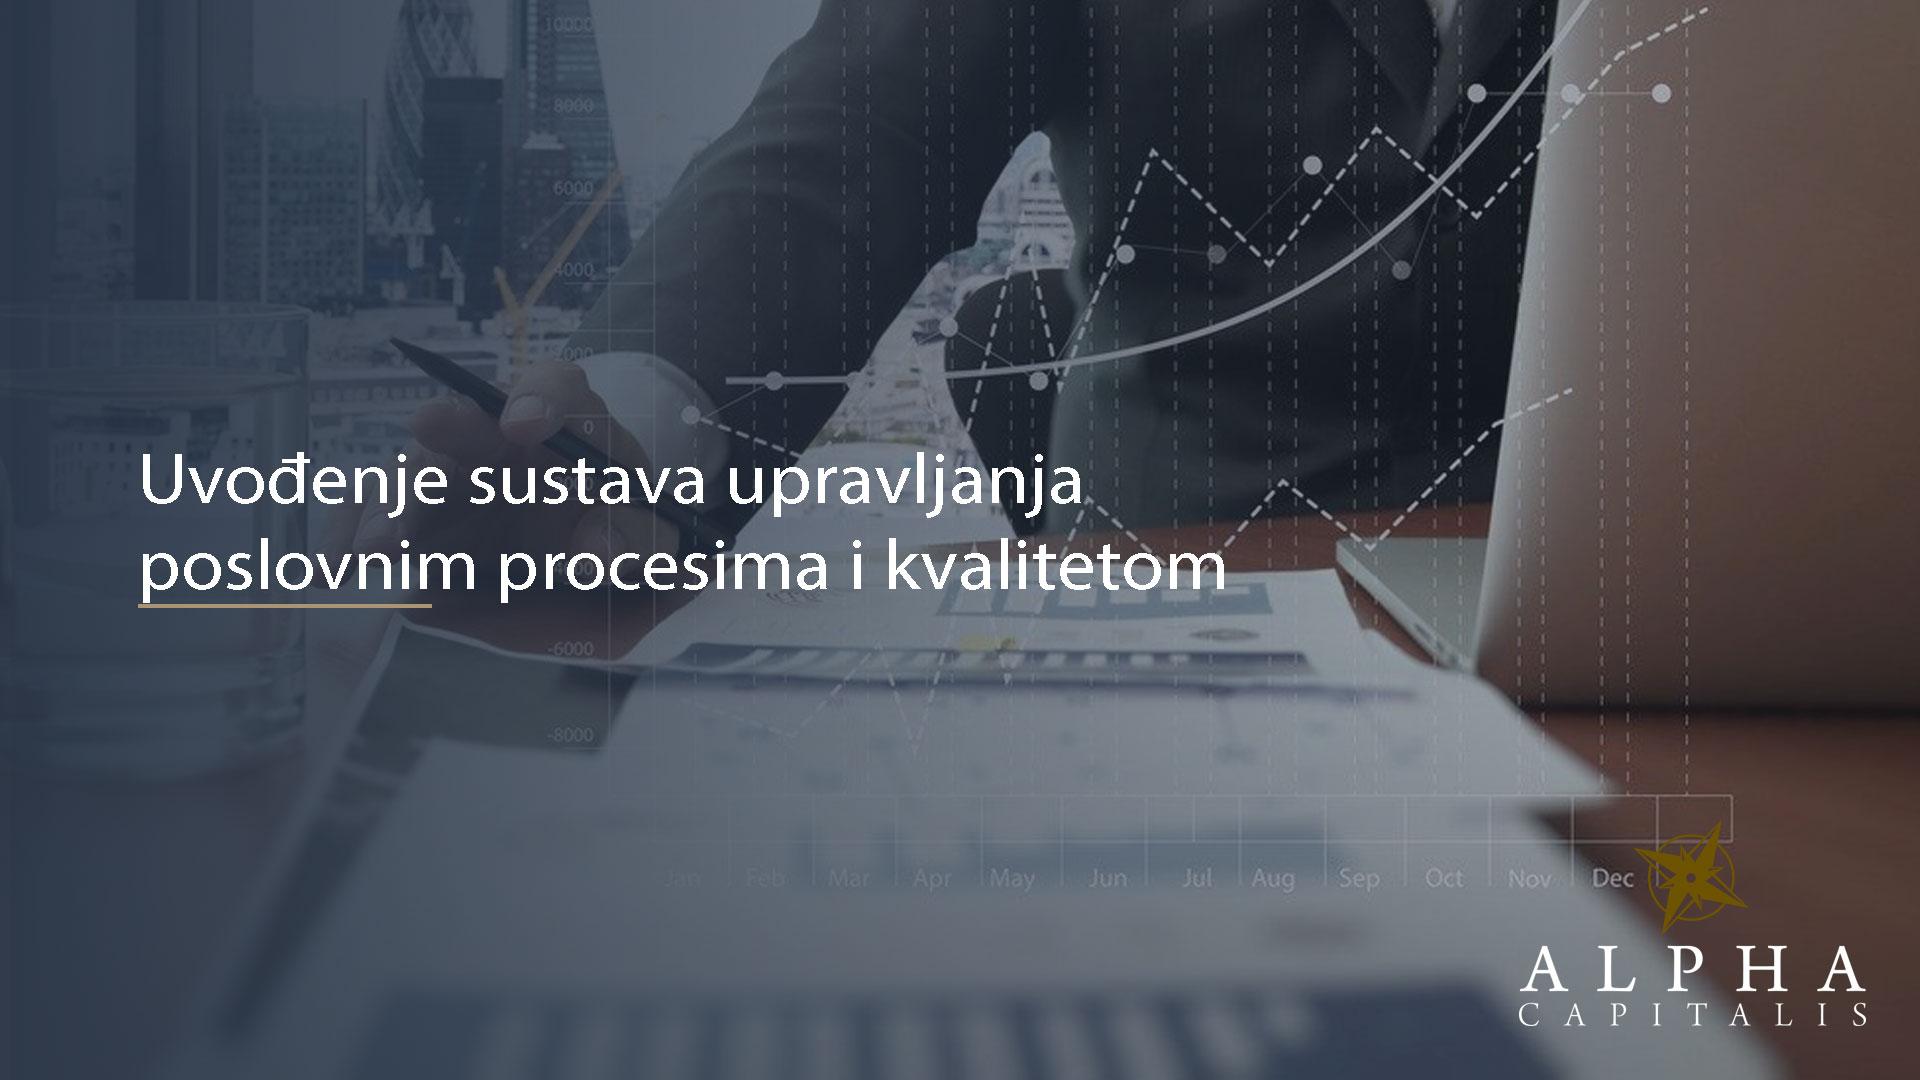 alpha-capitalis-Uvođenje-sustava-upravljanja